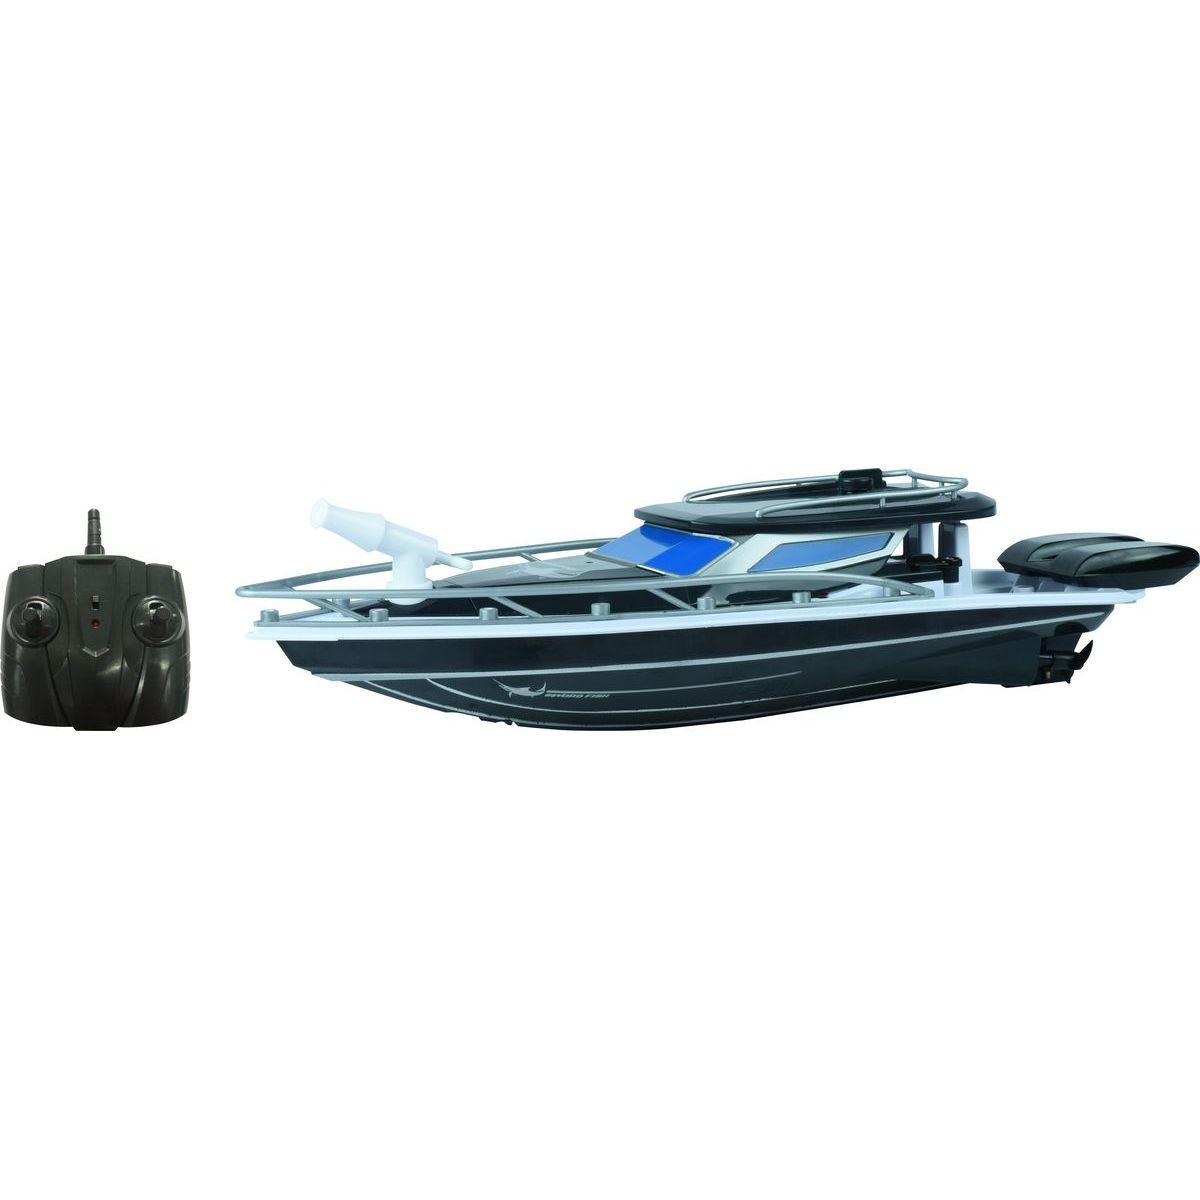 EPline Rybářská RC loď 1:28 - Poškozený obal